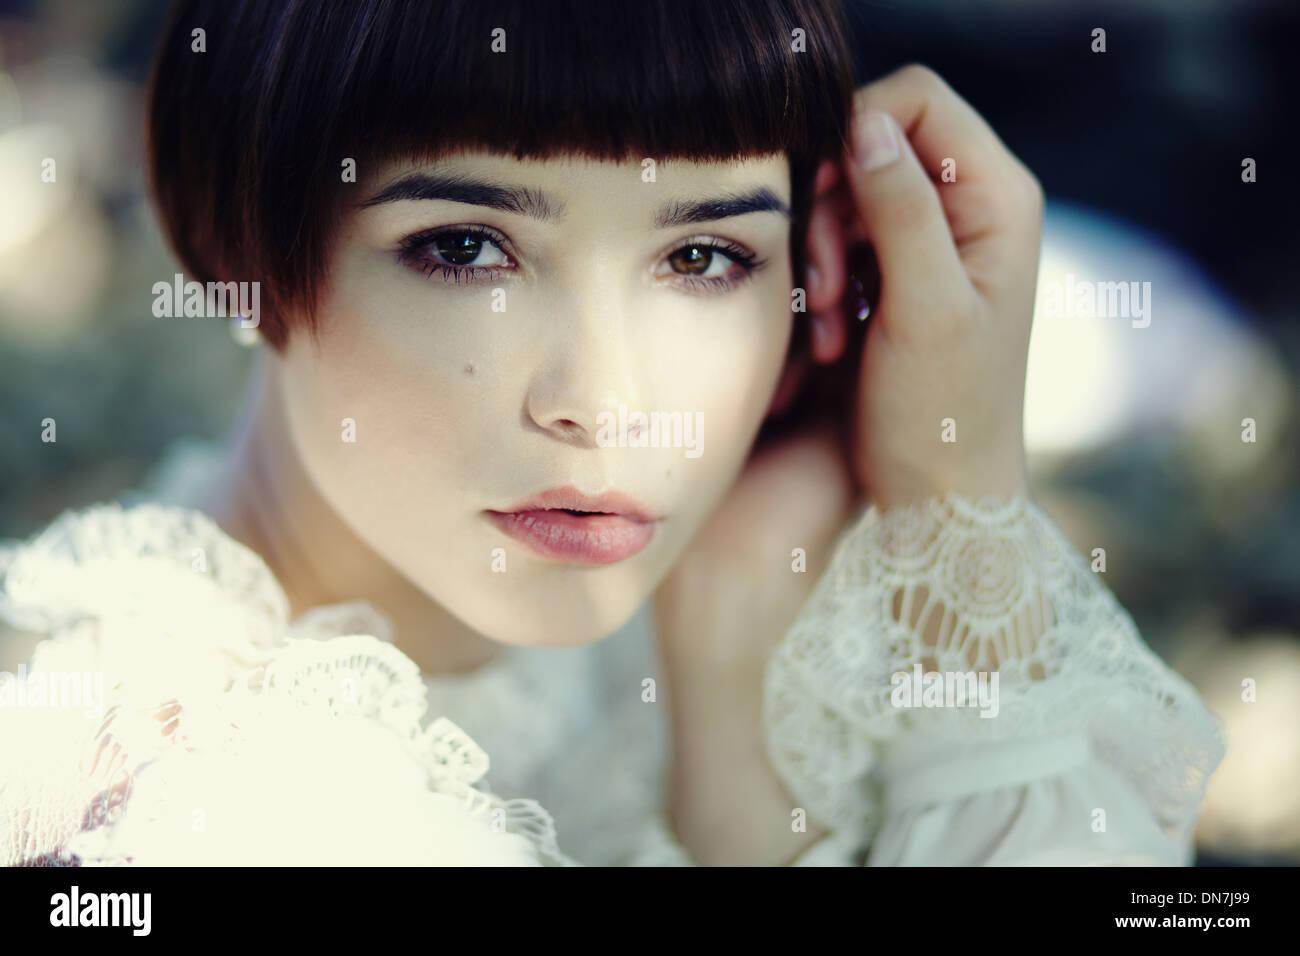 Retrato de una mujer joven mirando a la cámara Imagen De Stock